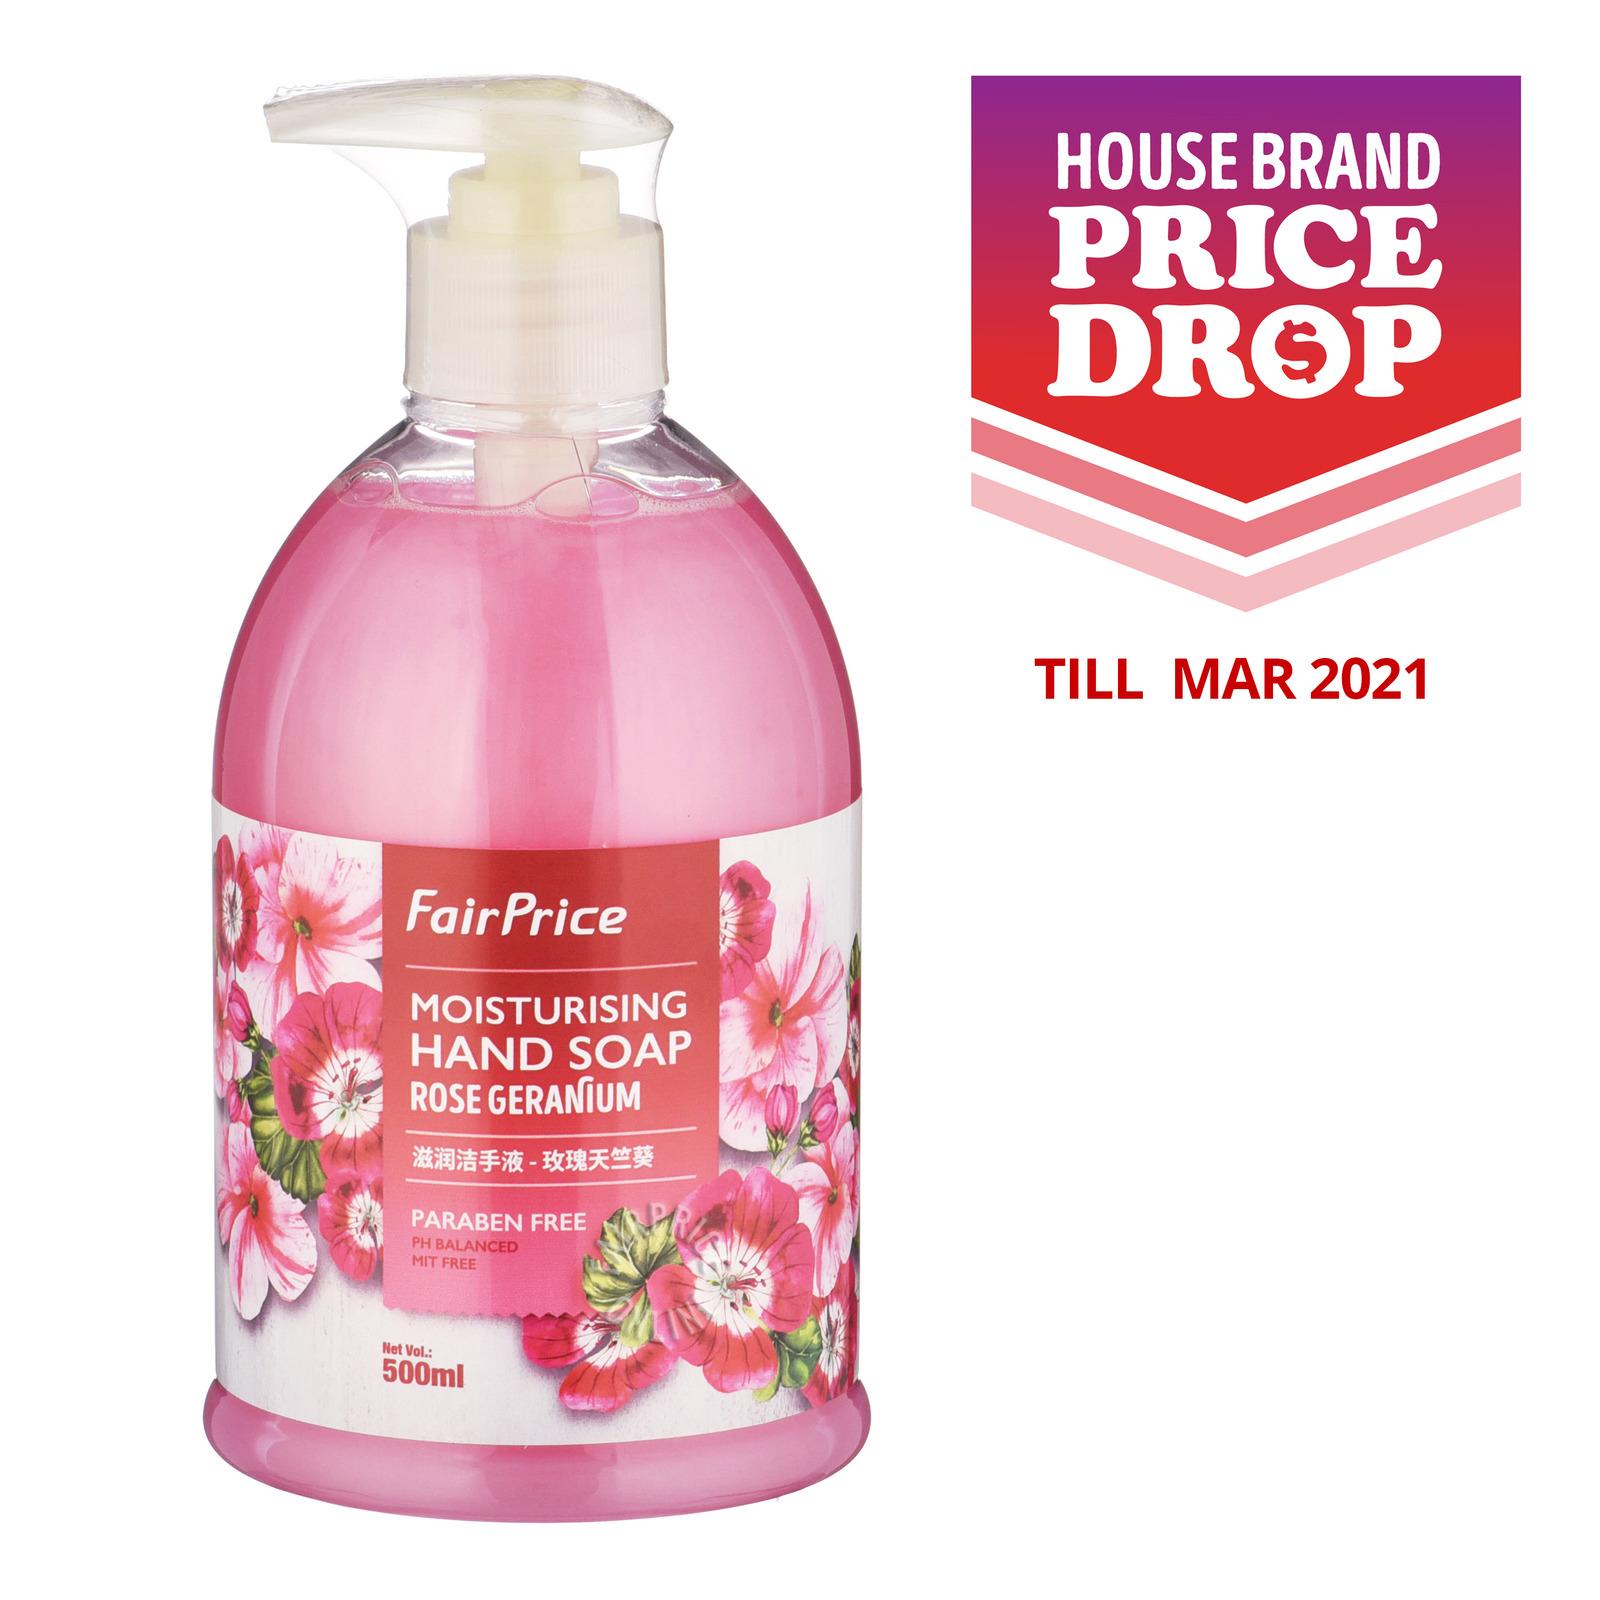 FairPrice Moisturising Hand Soap - Rose Geranium